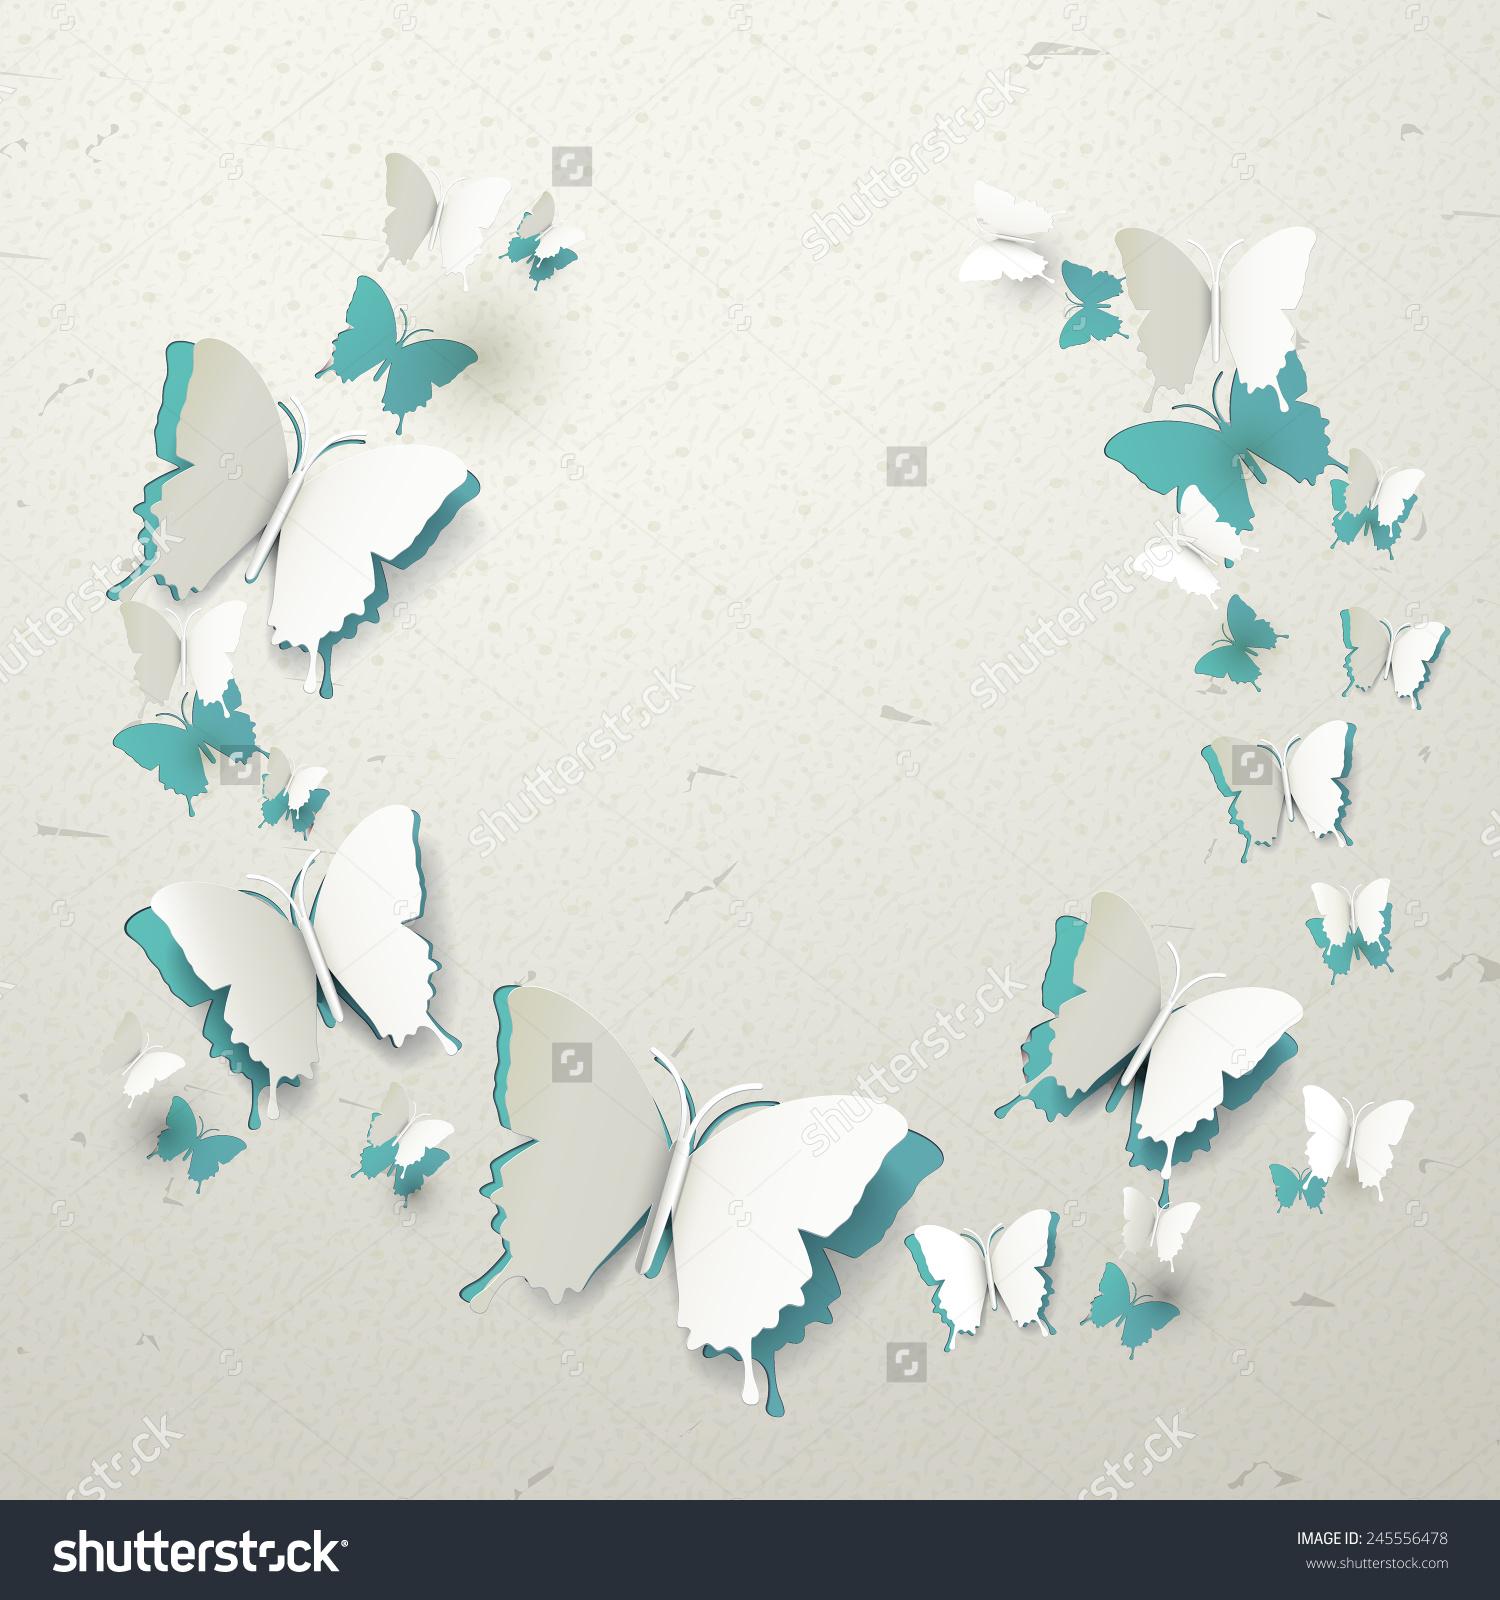 优雅的3 d纸蝴蝶图案断路器背景-背景/素材,抽象-海洛